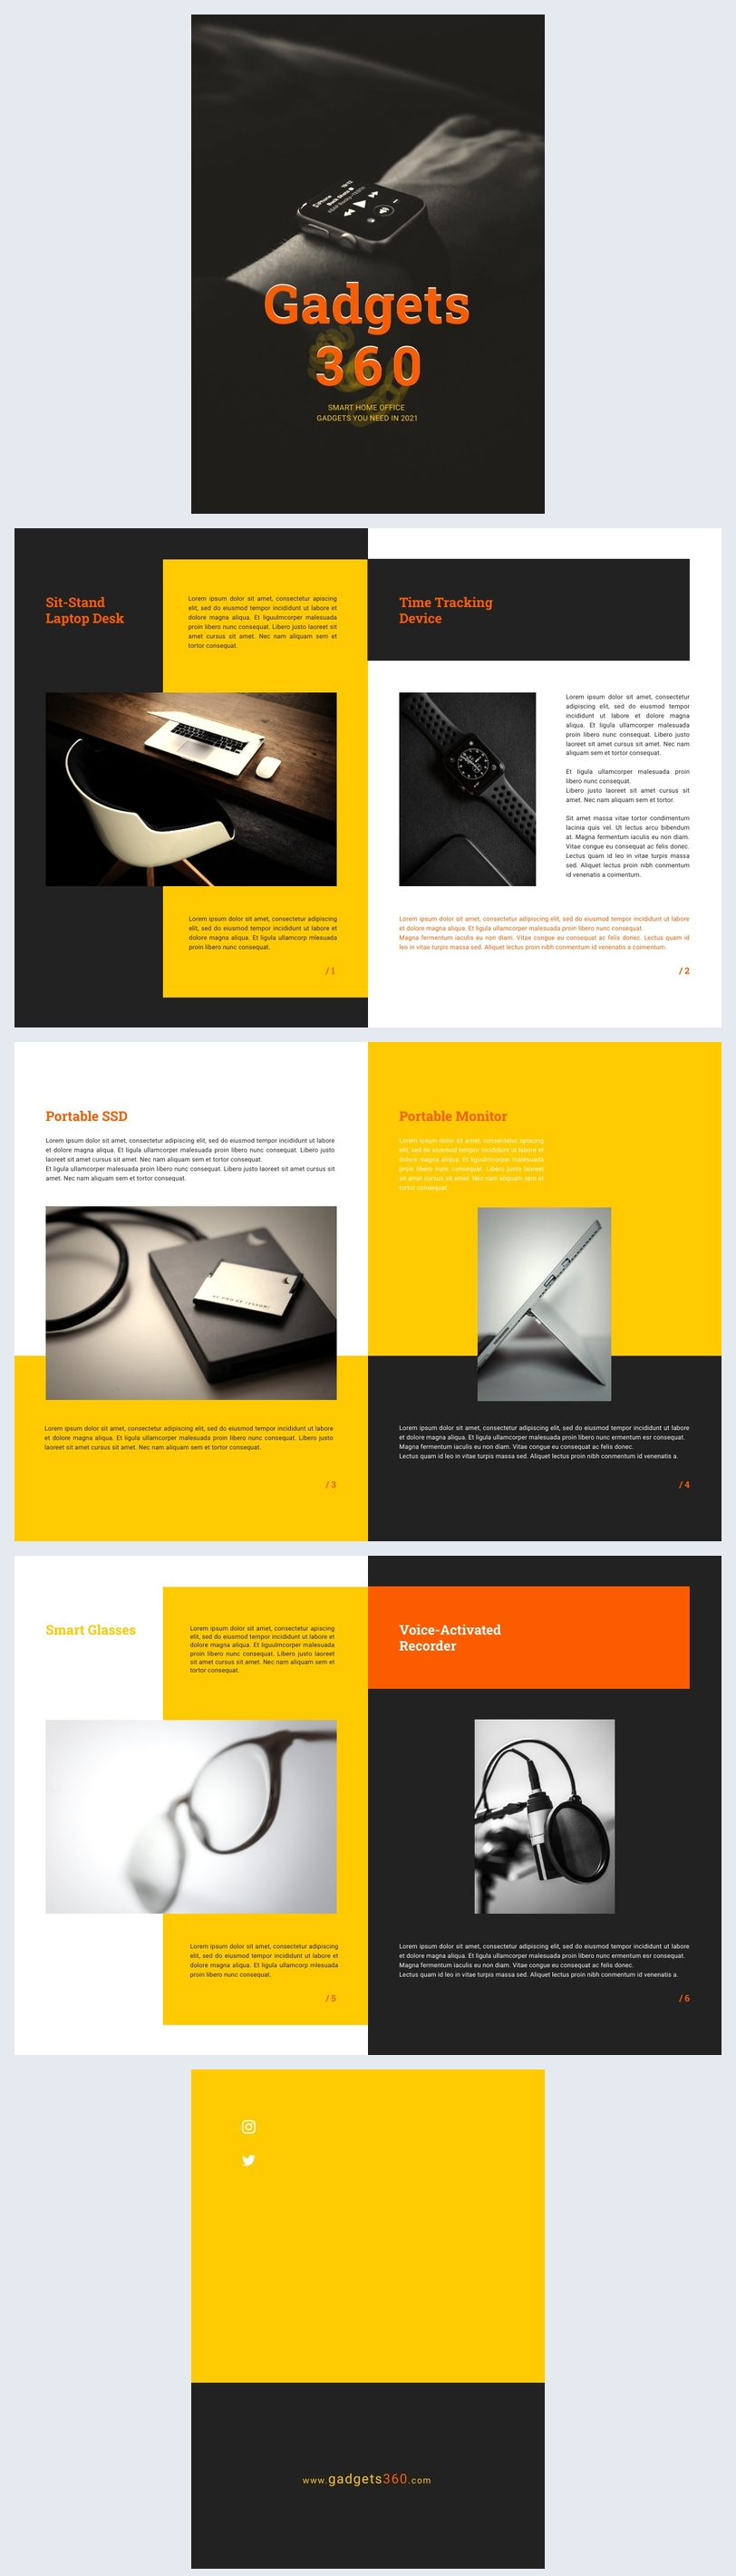 Esempio di grafica per catalogo di gadget moderni